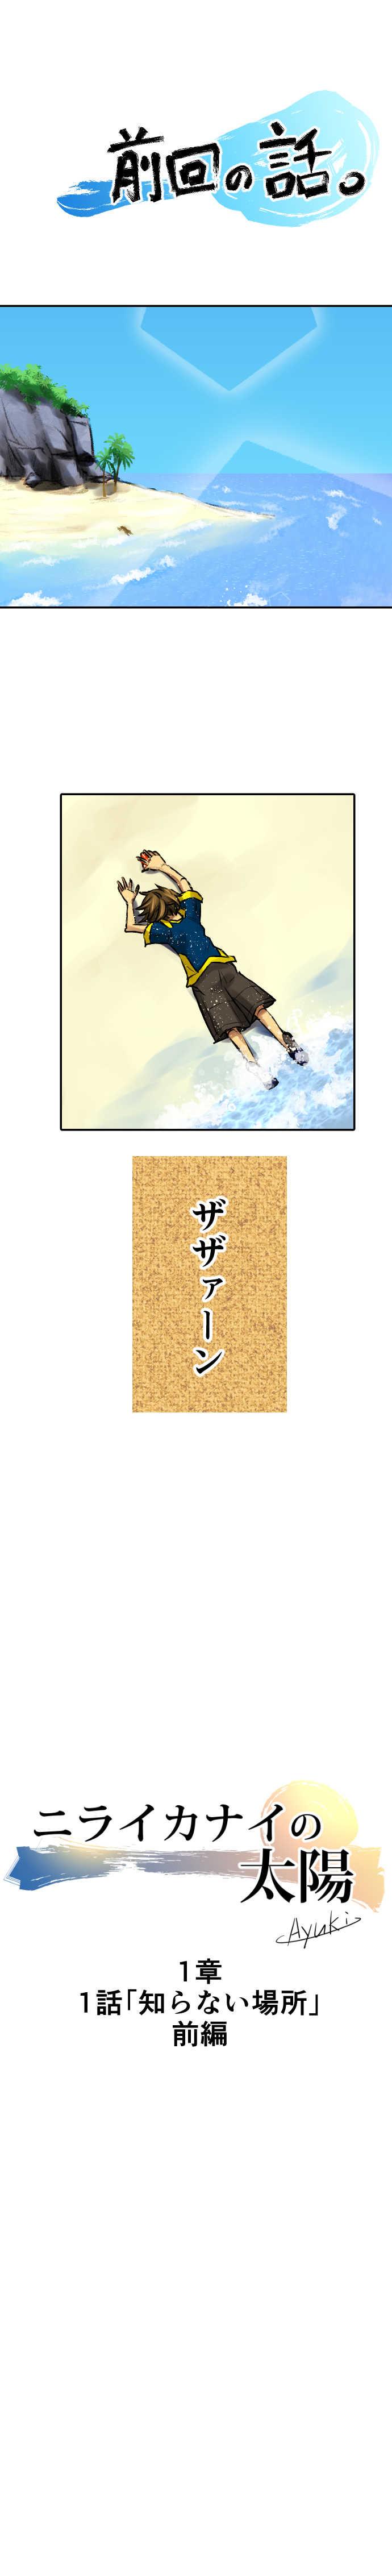 1章 1話「知らない場所」前編